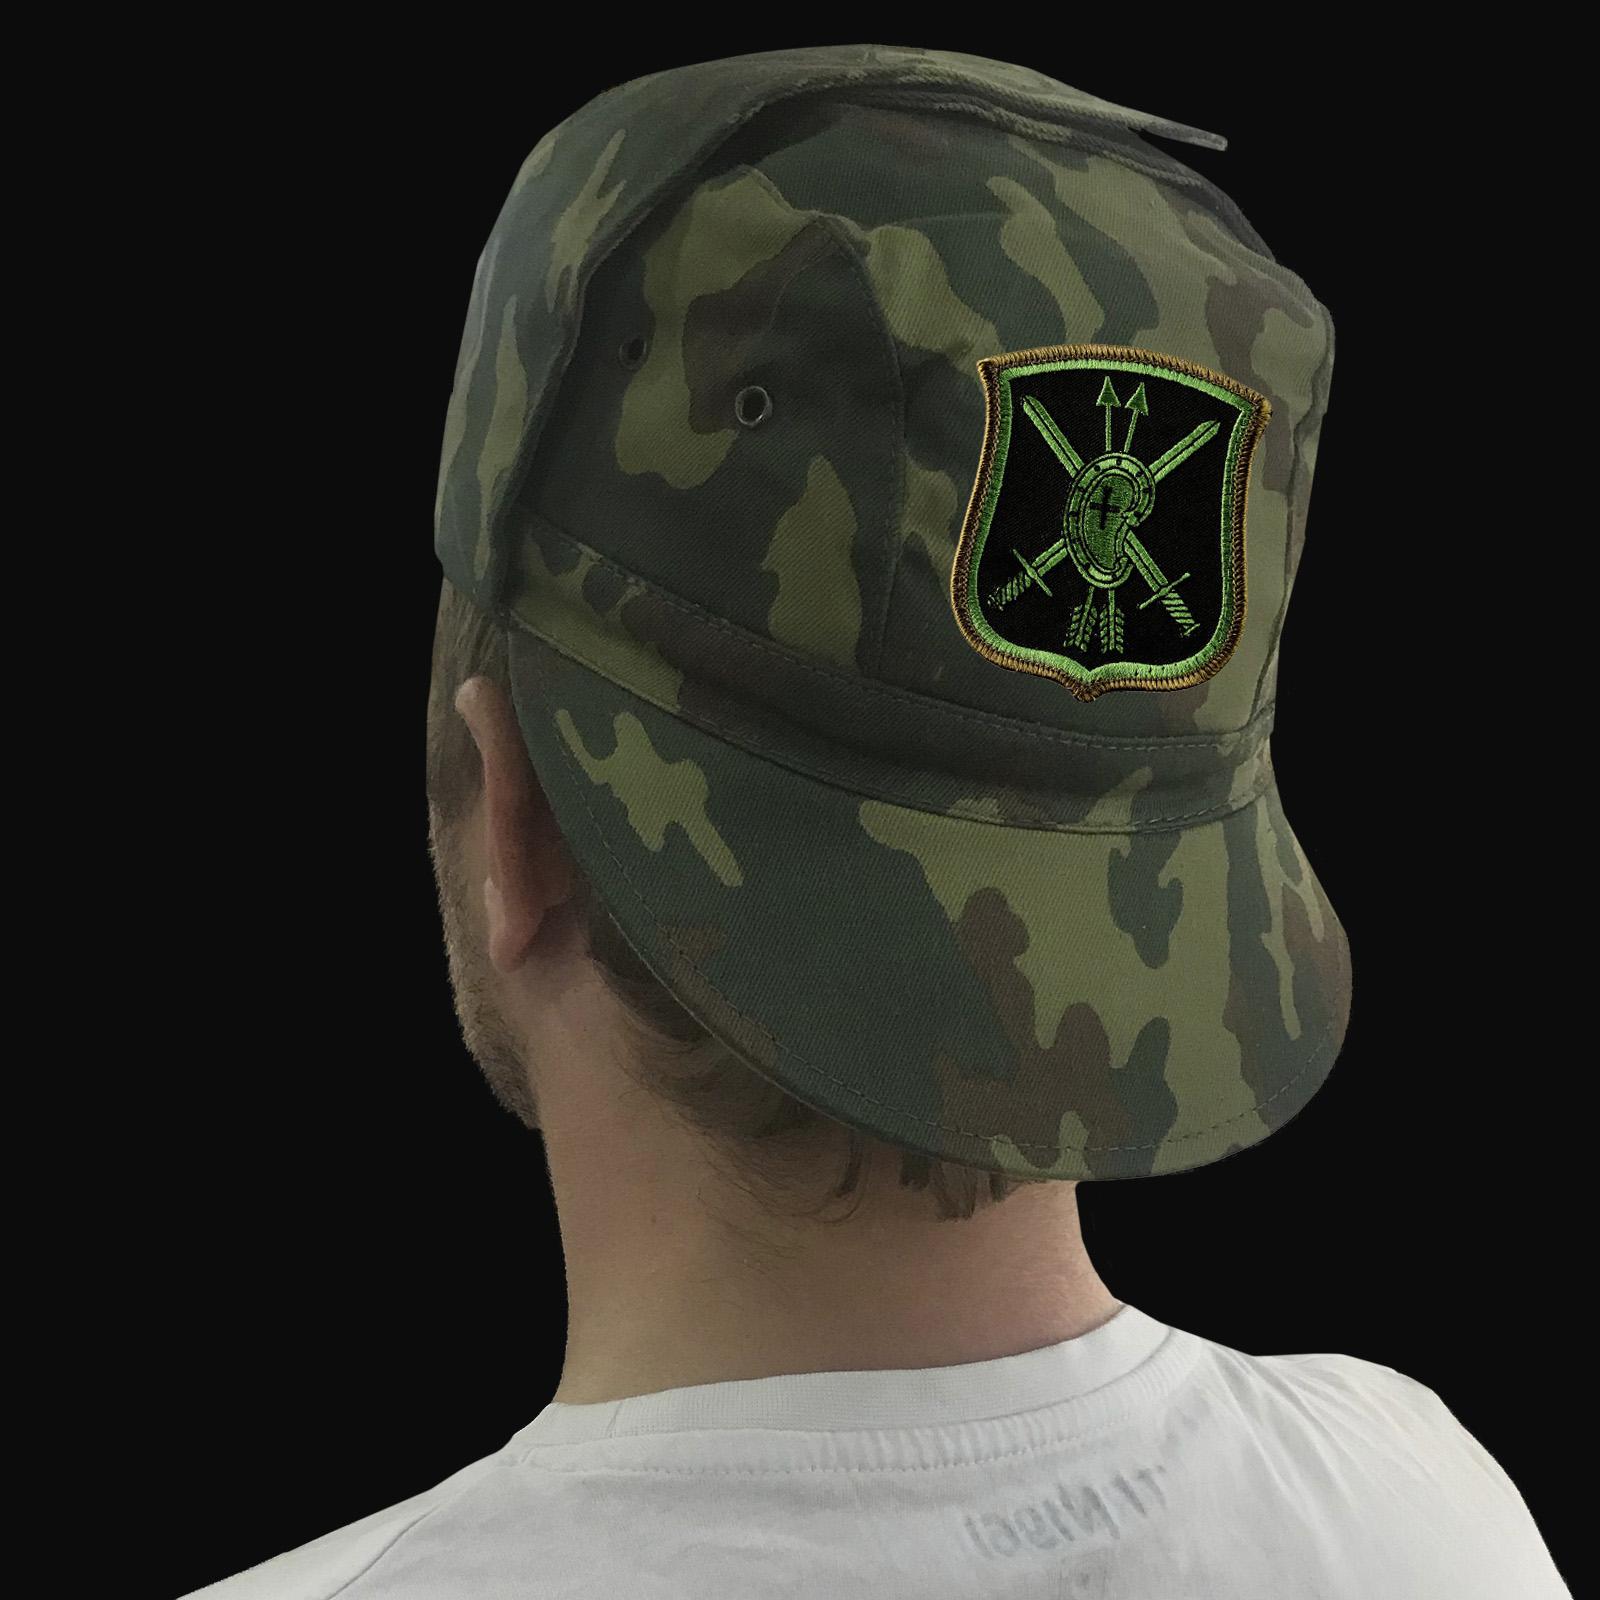 Военные кепки с шевронами Ракетных войск стратегического назначения